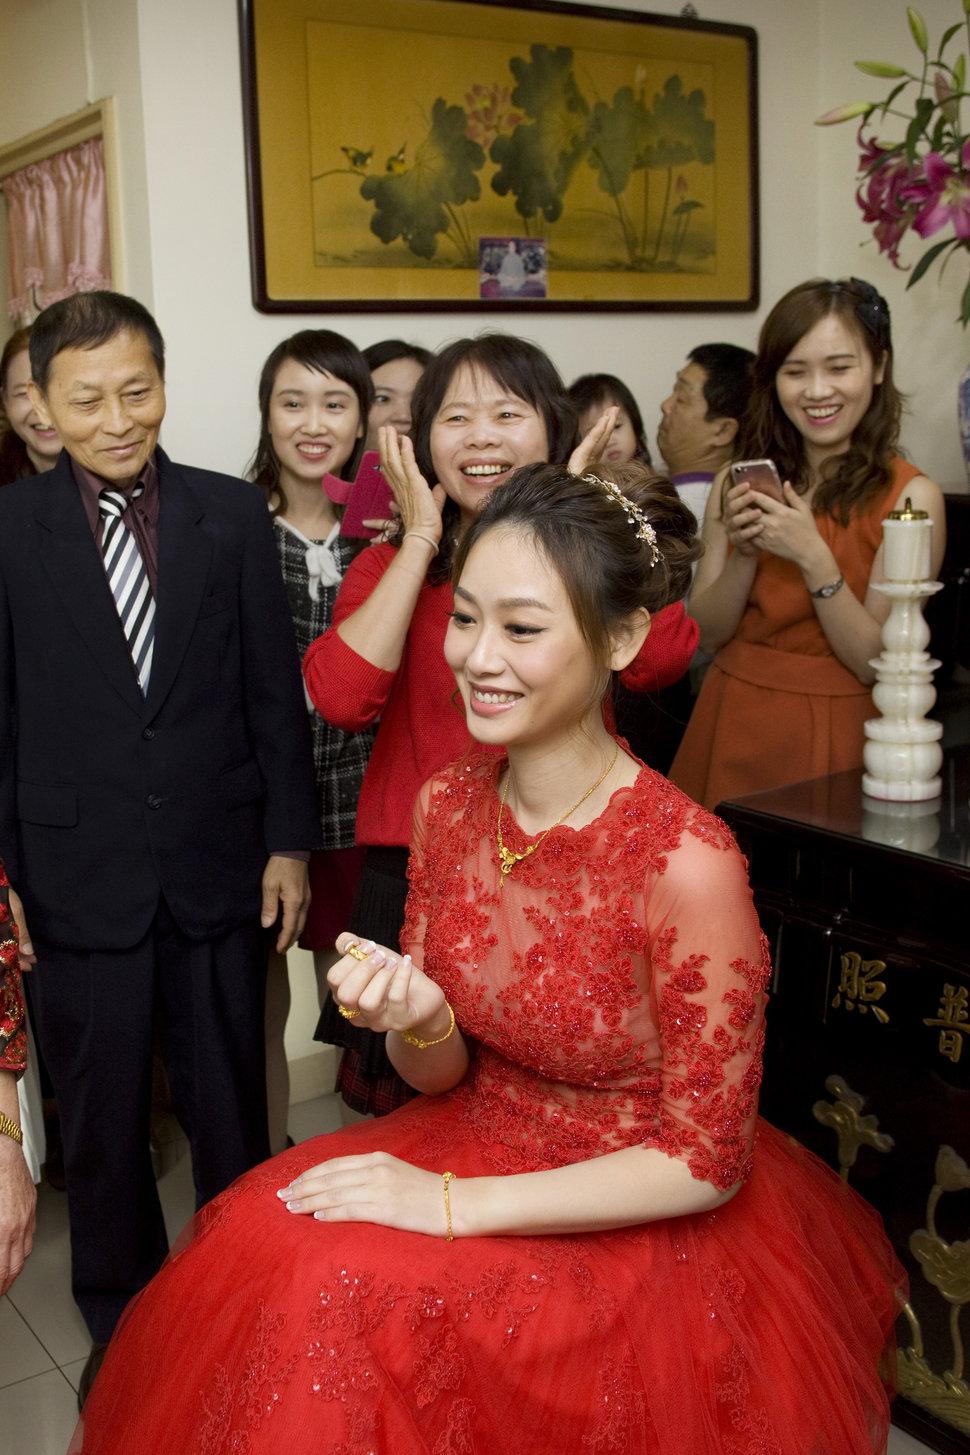 蓓麗宛婚禮時尚(編號:541448) - 蓓麗宛婚禮時尚 - 結婚吧